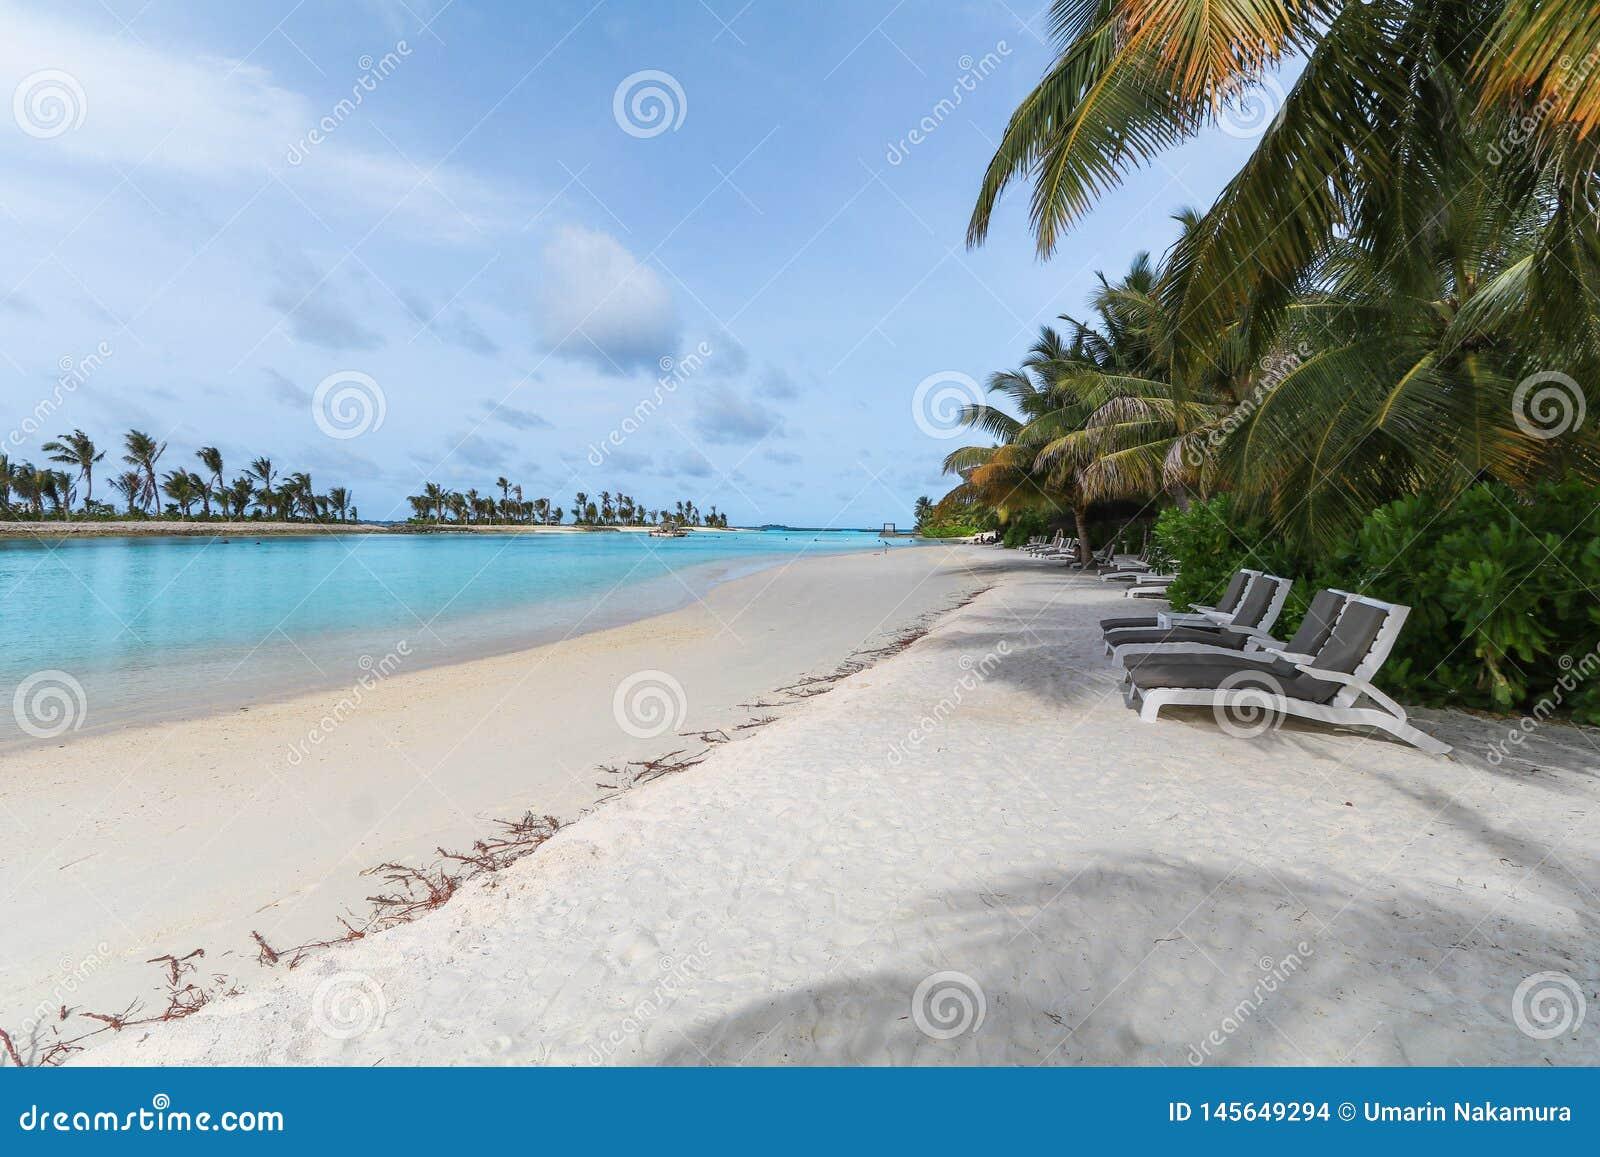 马尔代夫、美丽的绿松石水域和白色沙滩的令人惊讶的海岛有天空蔚蓝背景为假日假期